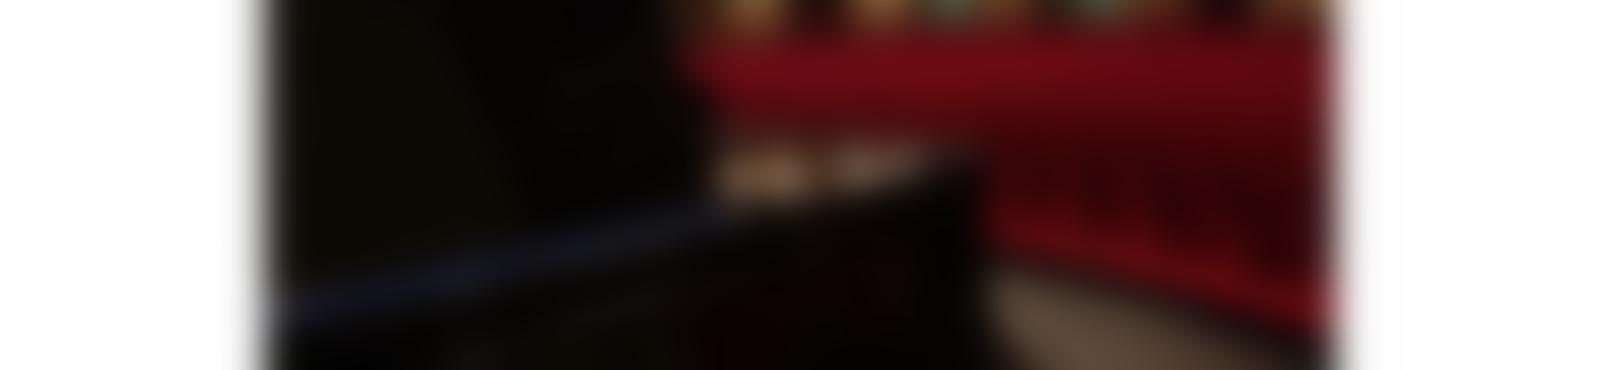 Blurred fb5f8fce f271 44f3 8822 68ed41fac641